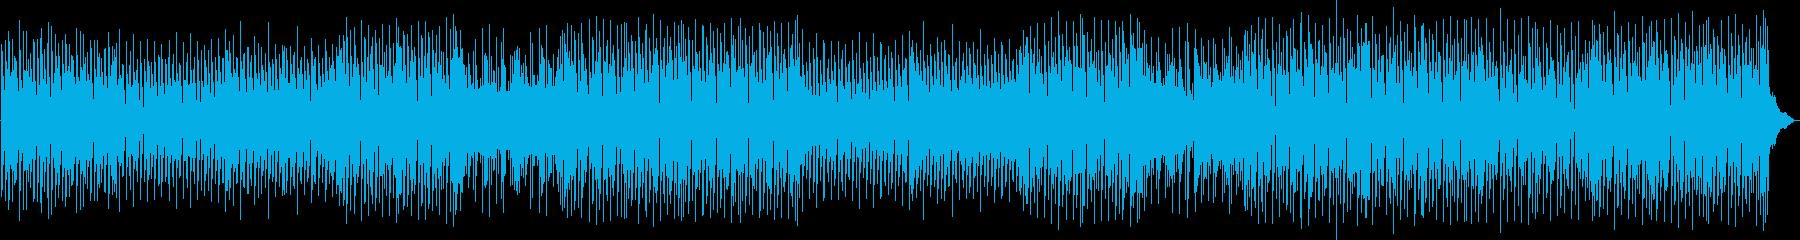 素晴らしいメロディーとモダンなドラ...の再生済みの波形